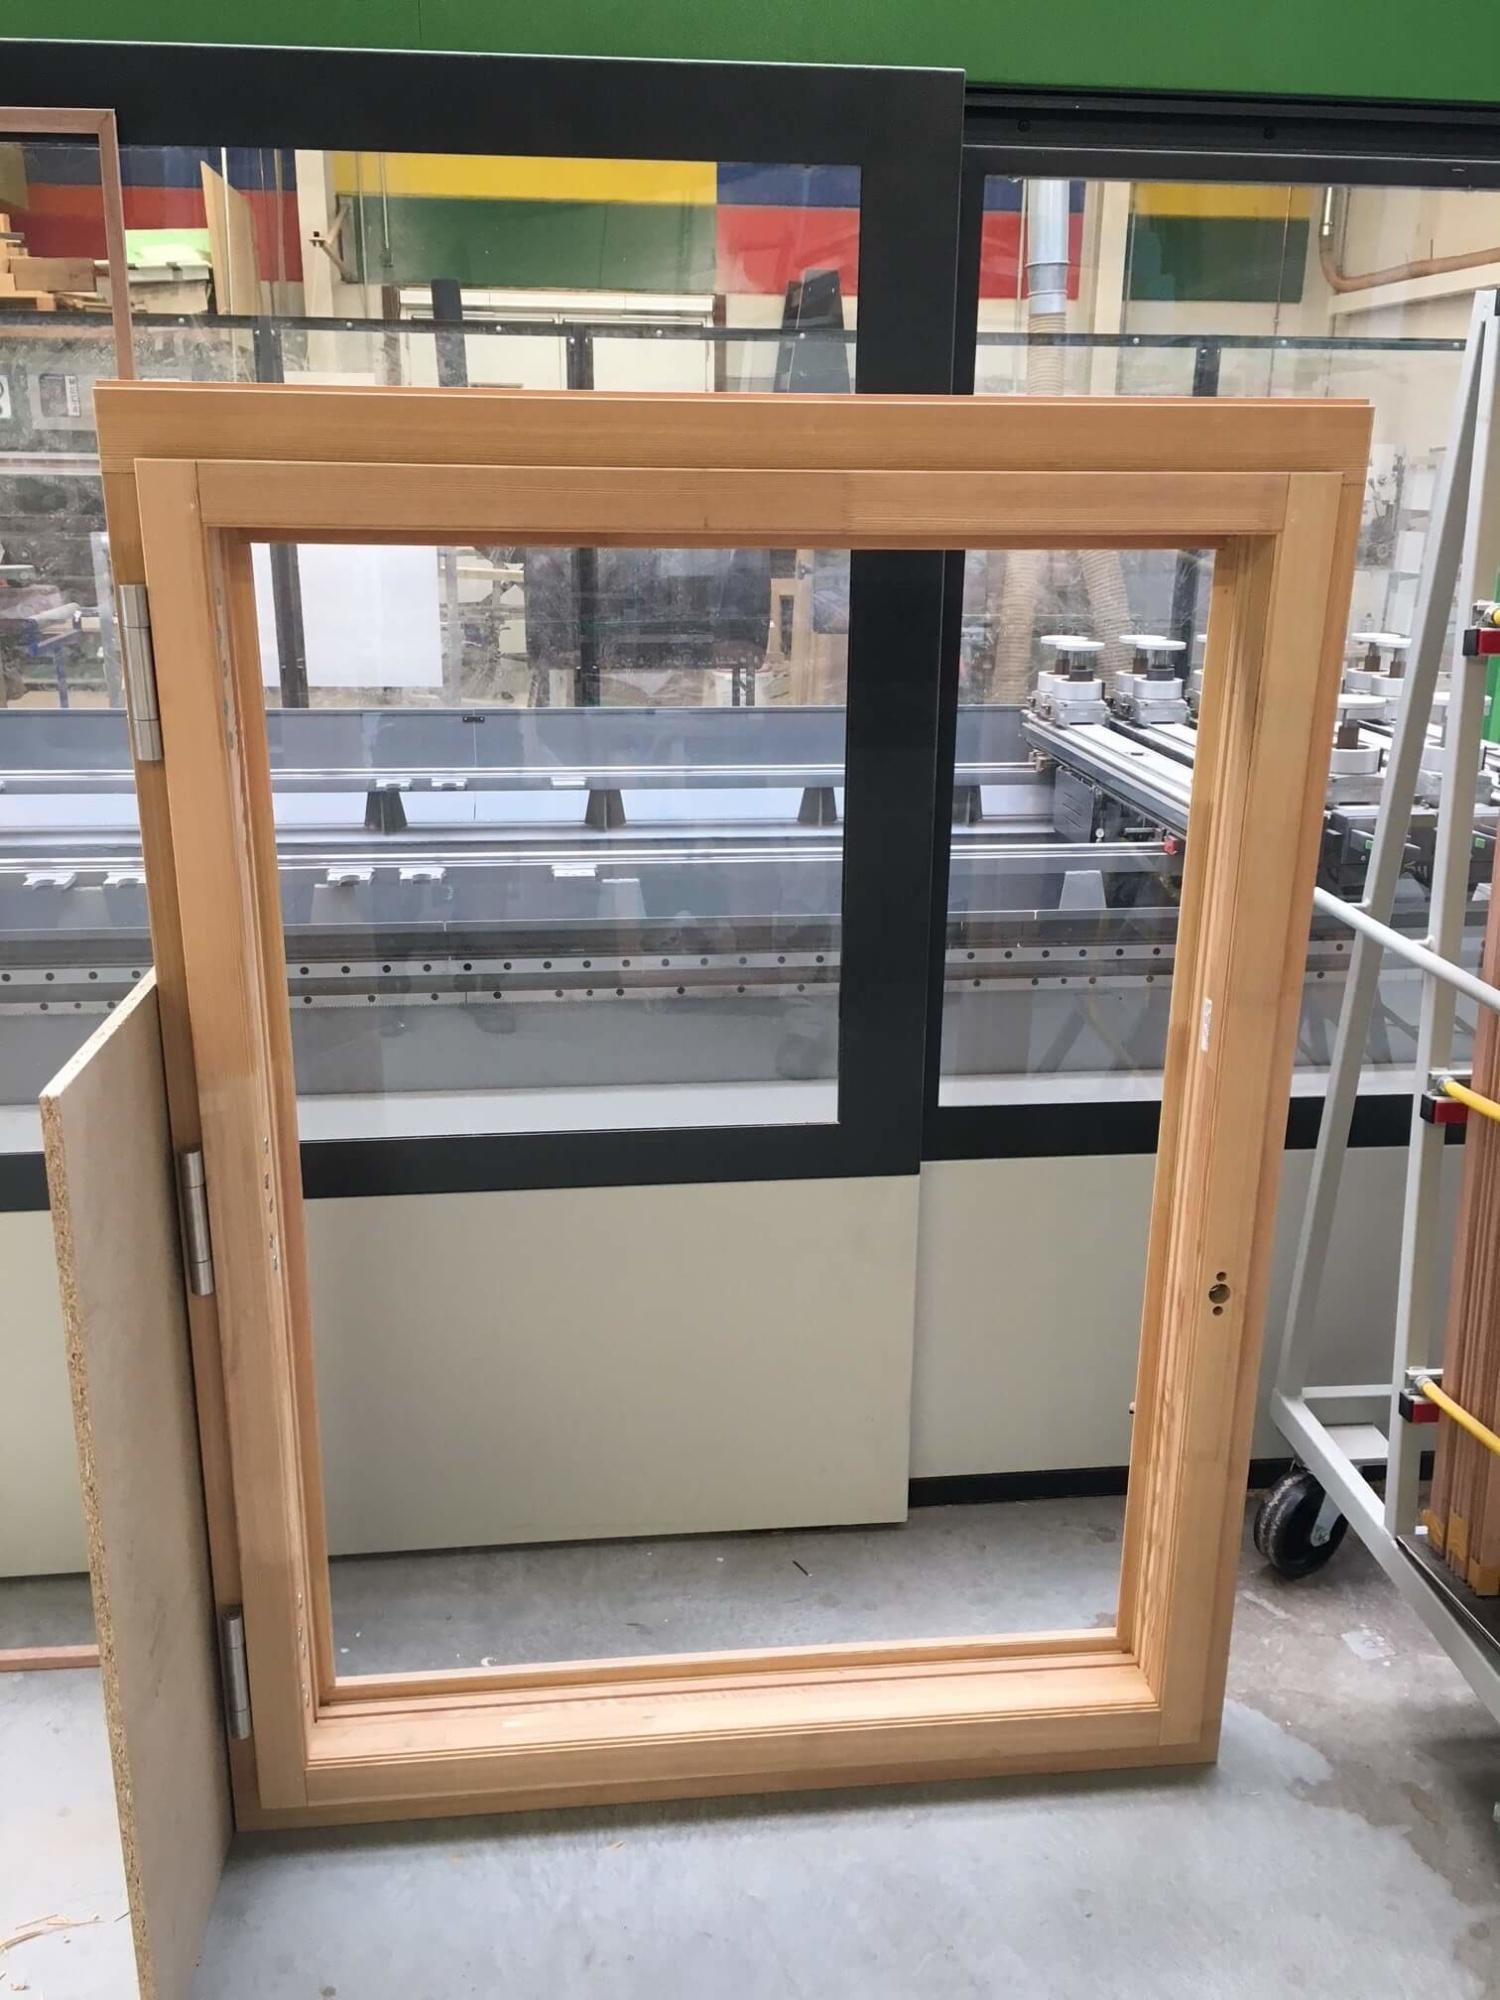 Brandschutzfenster F90 Produktion